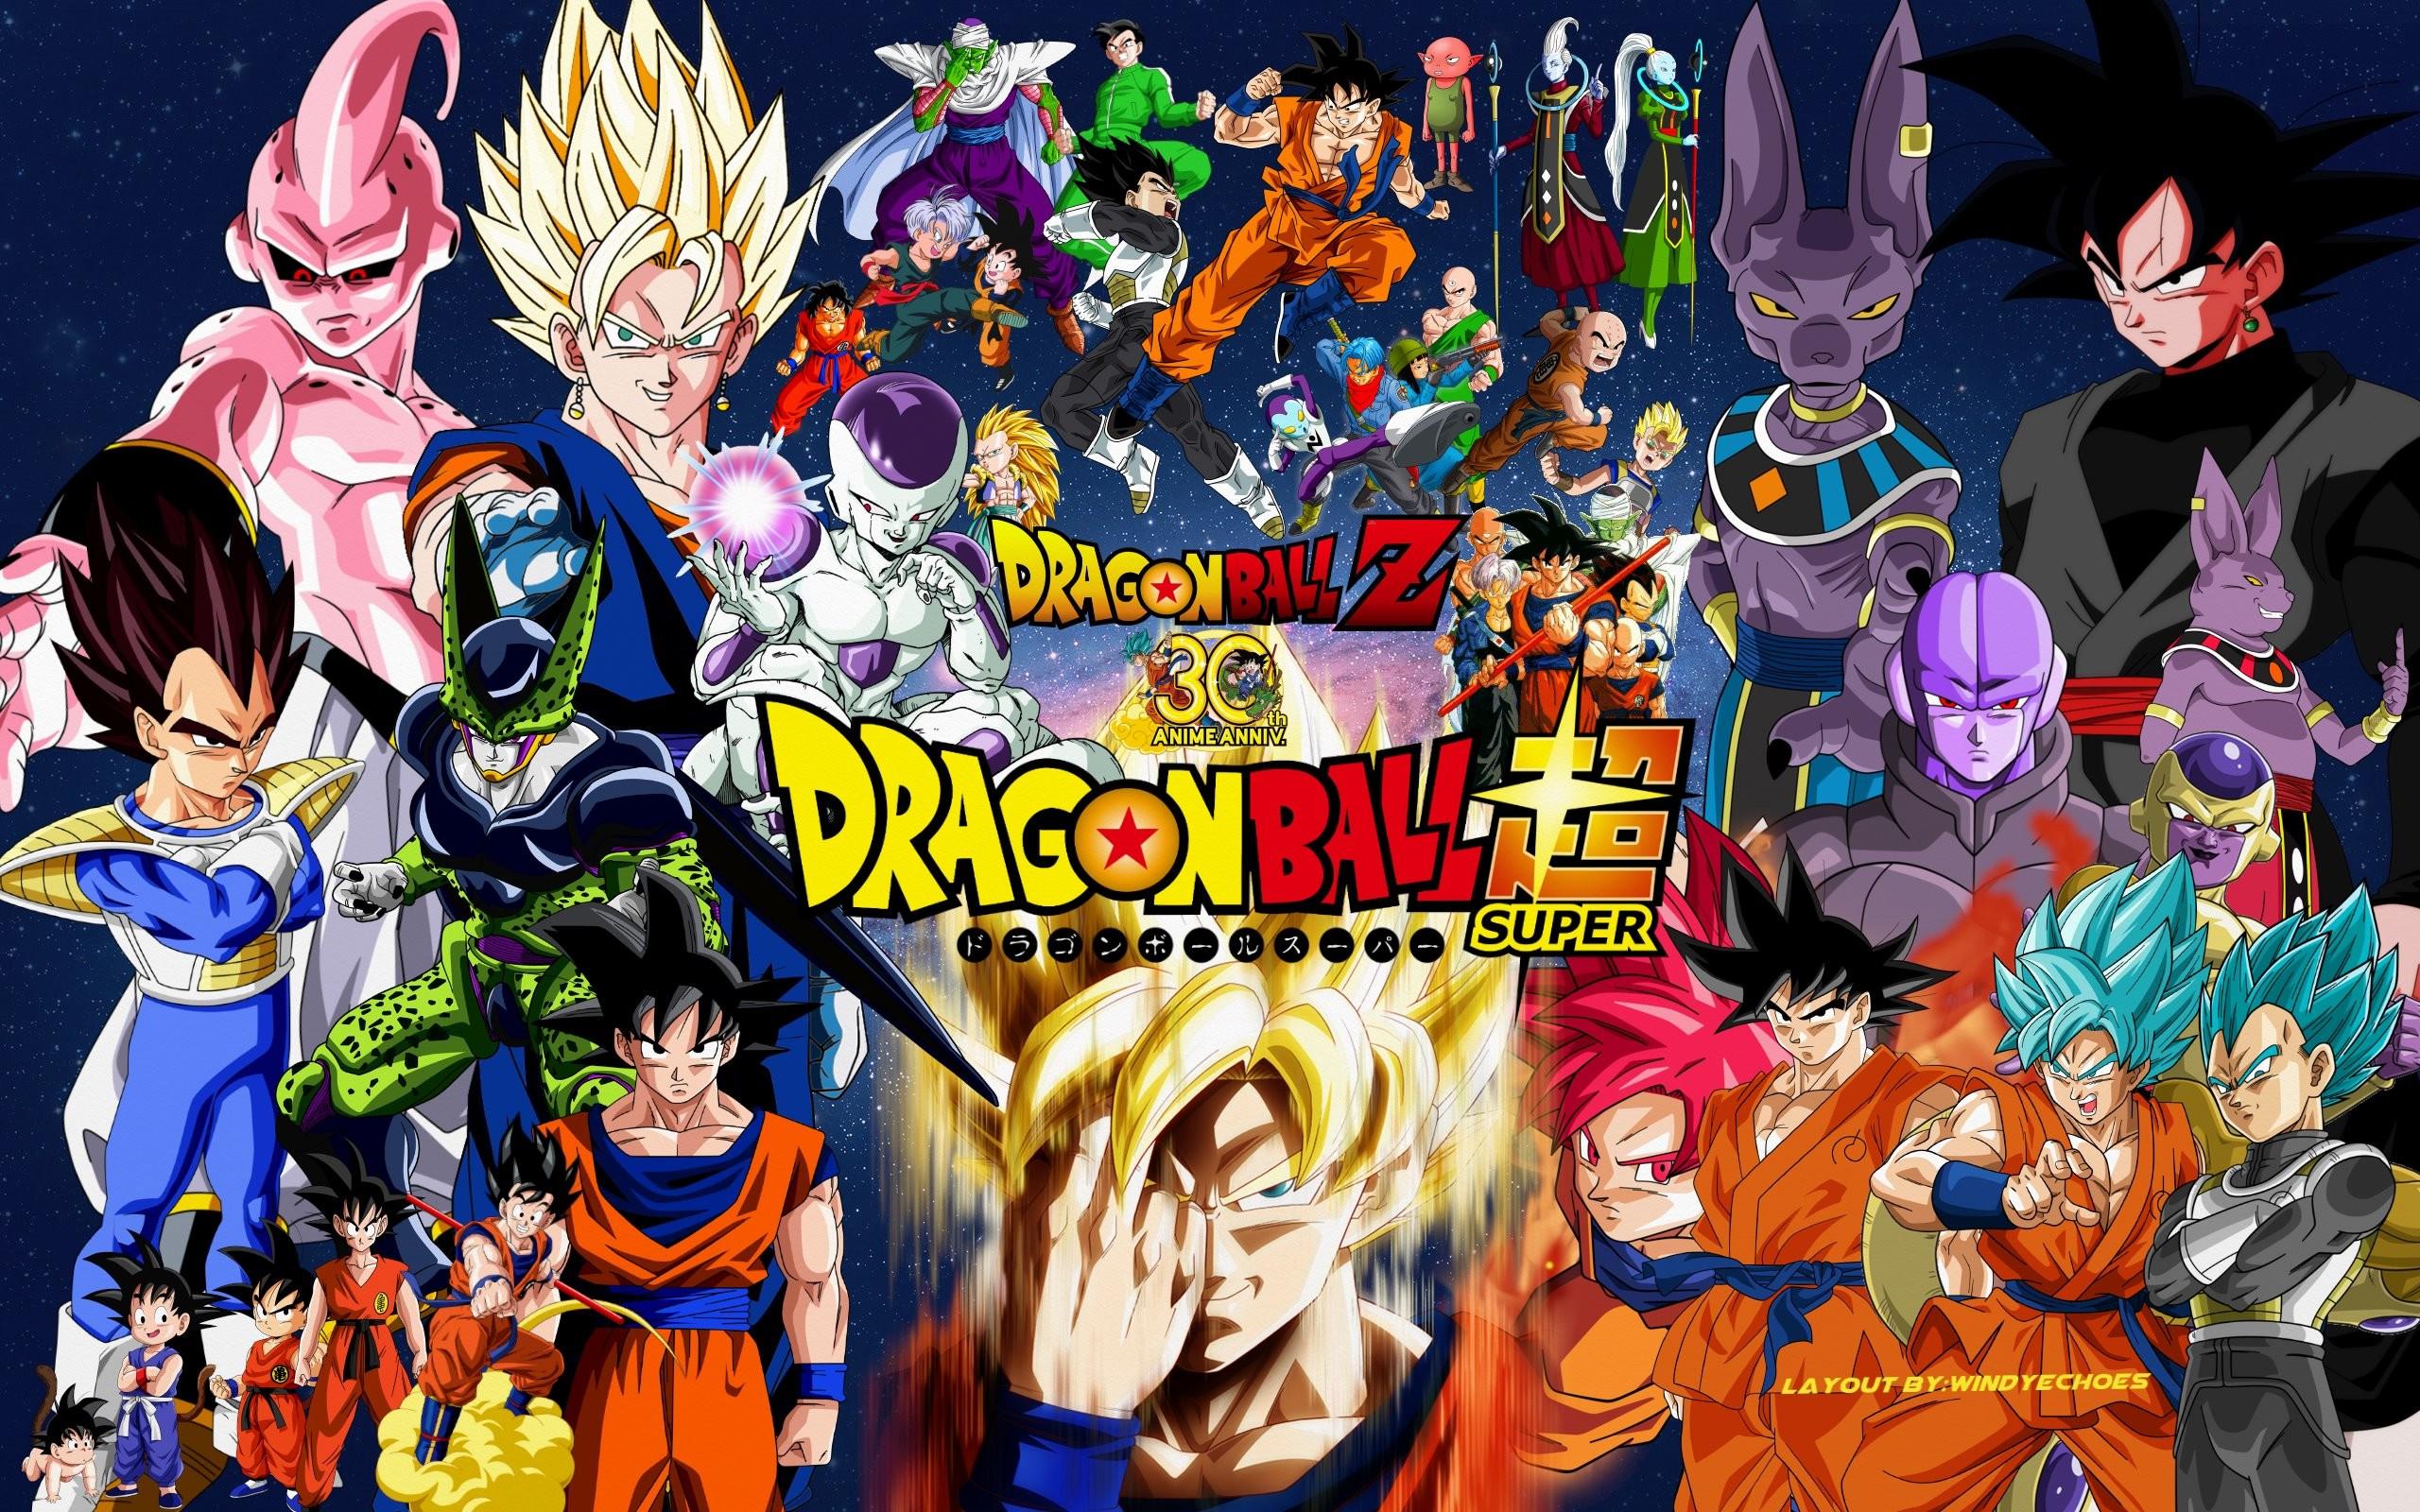 Ps4 dragon ball super wallpaper